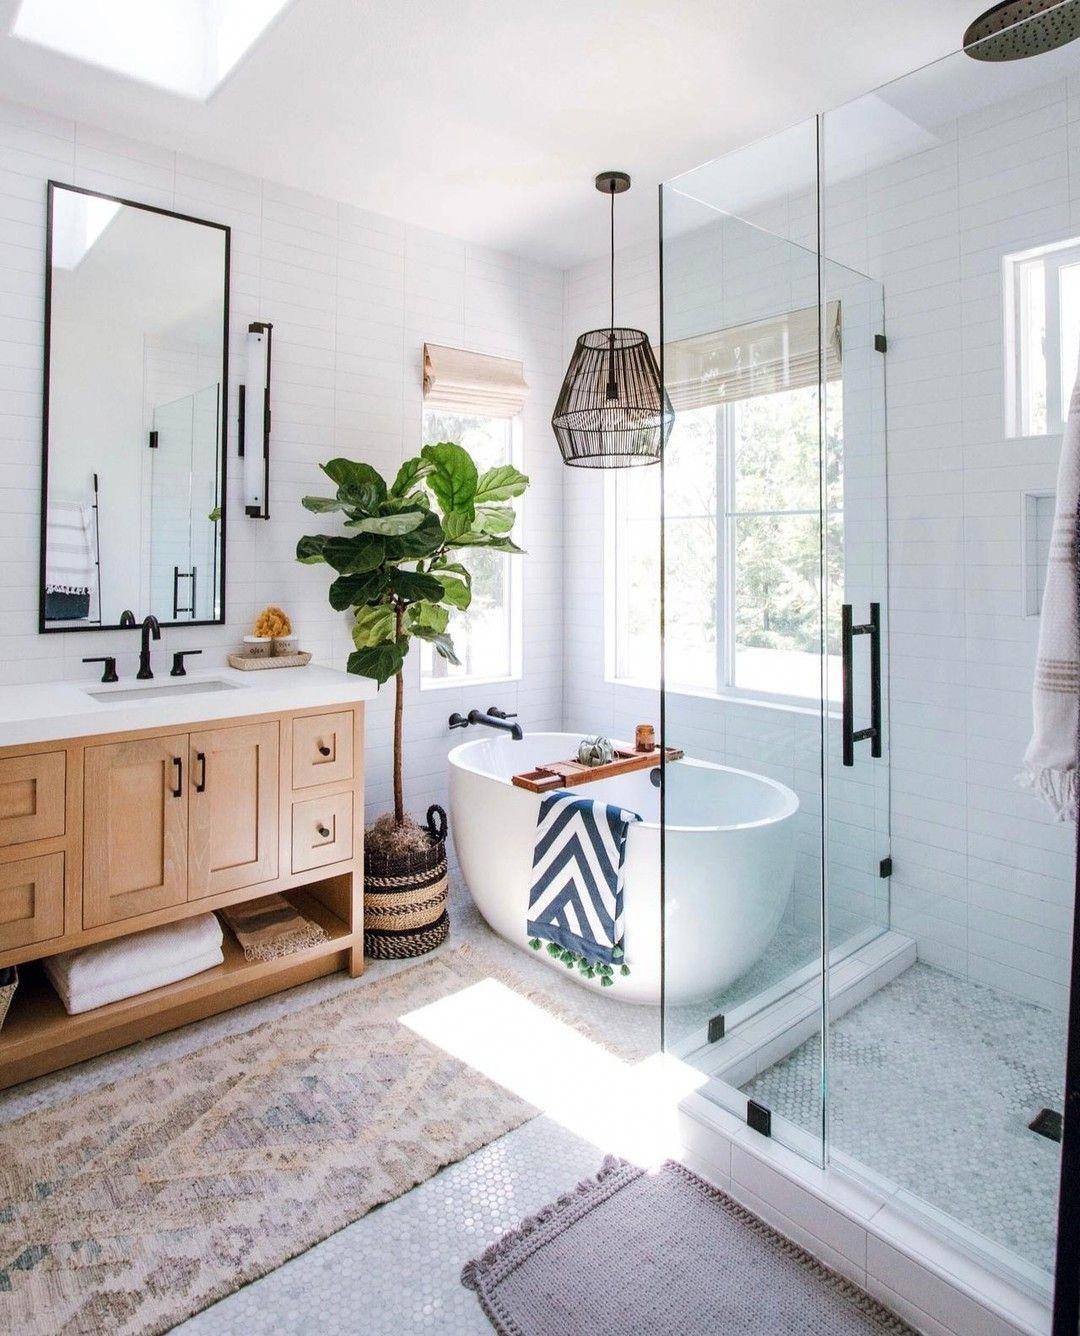 Bathroom Rug Ideas Bathroomrenovations Bathroom Design Bathroom Interior Bathrooms Remodel